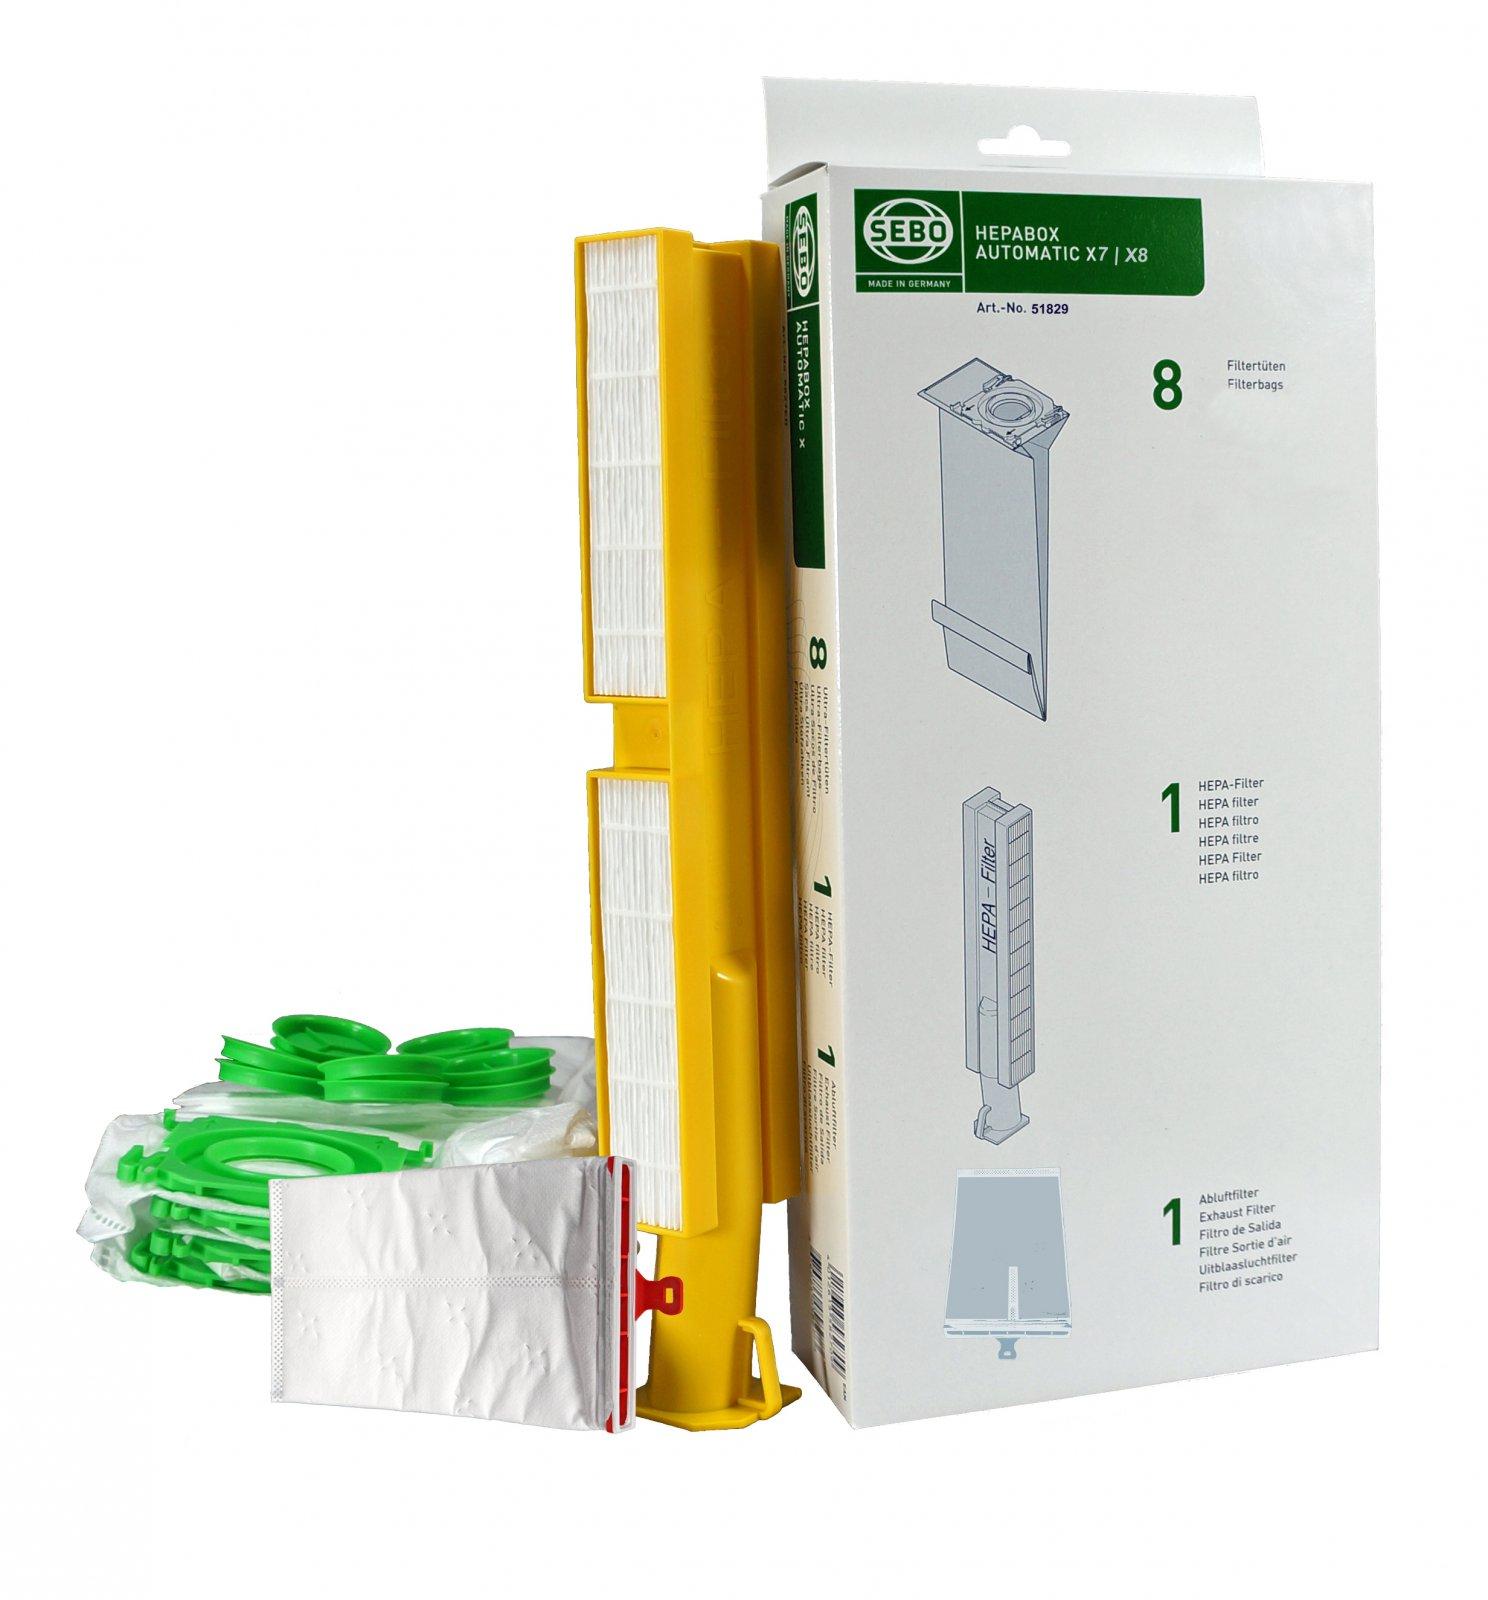 Sebo X7/X8 HEPA Service Box